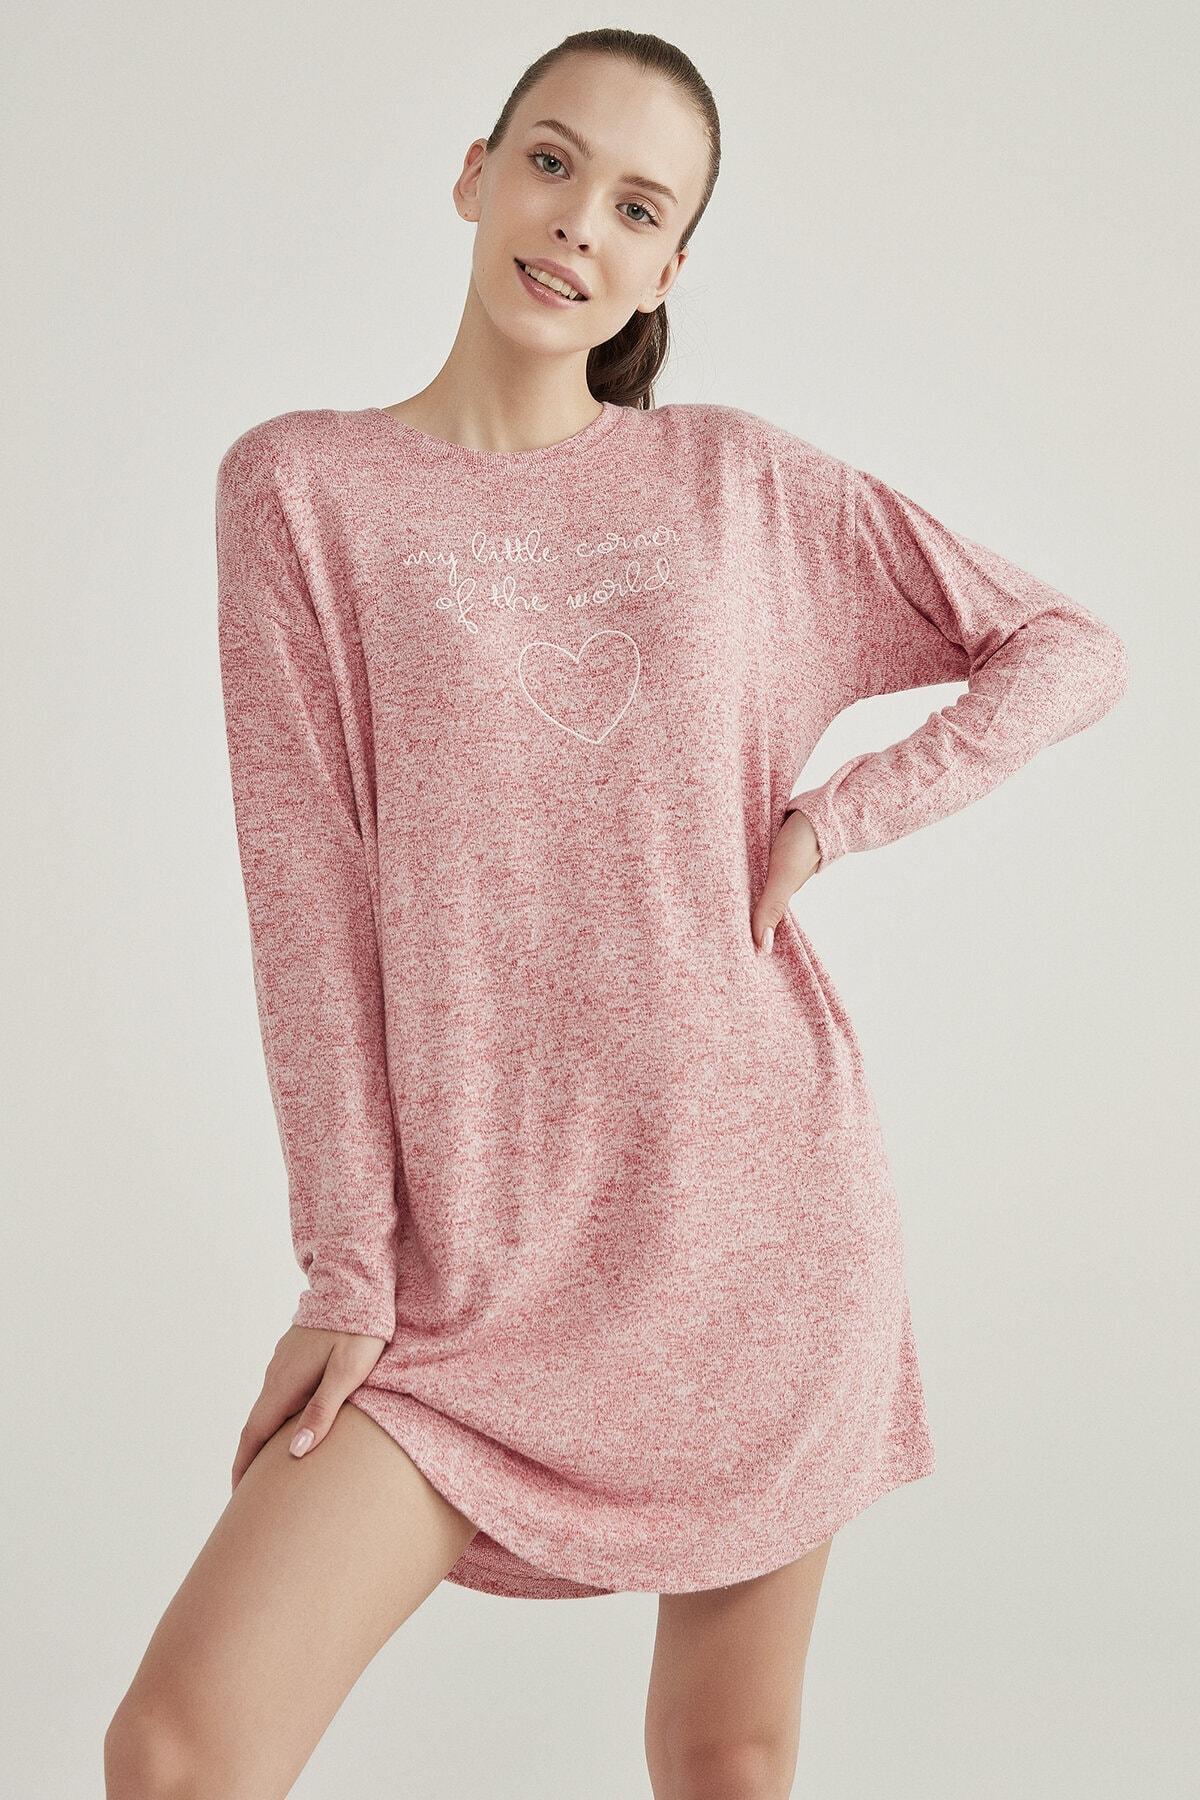 Penti Pembe Melanj Pink Feeling Elbise 1